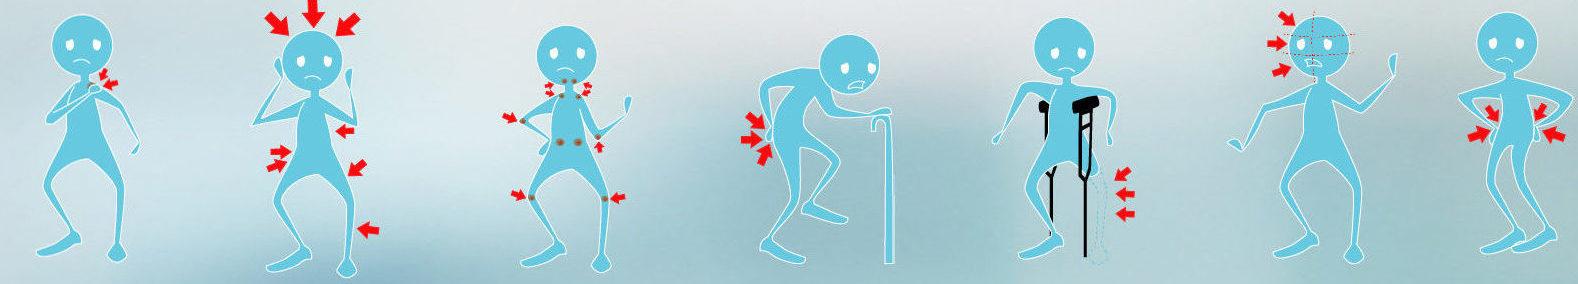 Dibujos de personas con diferentes dolores señalizados con flechas rojas